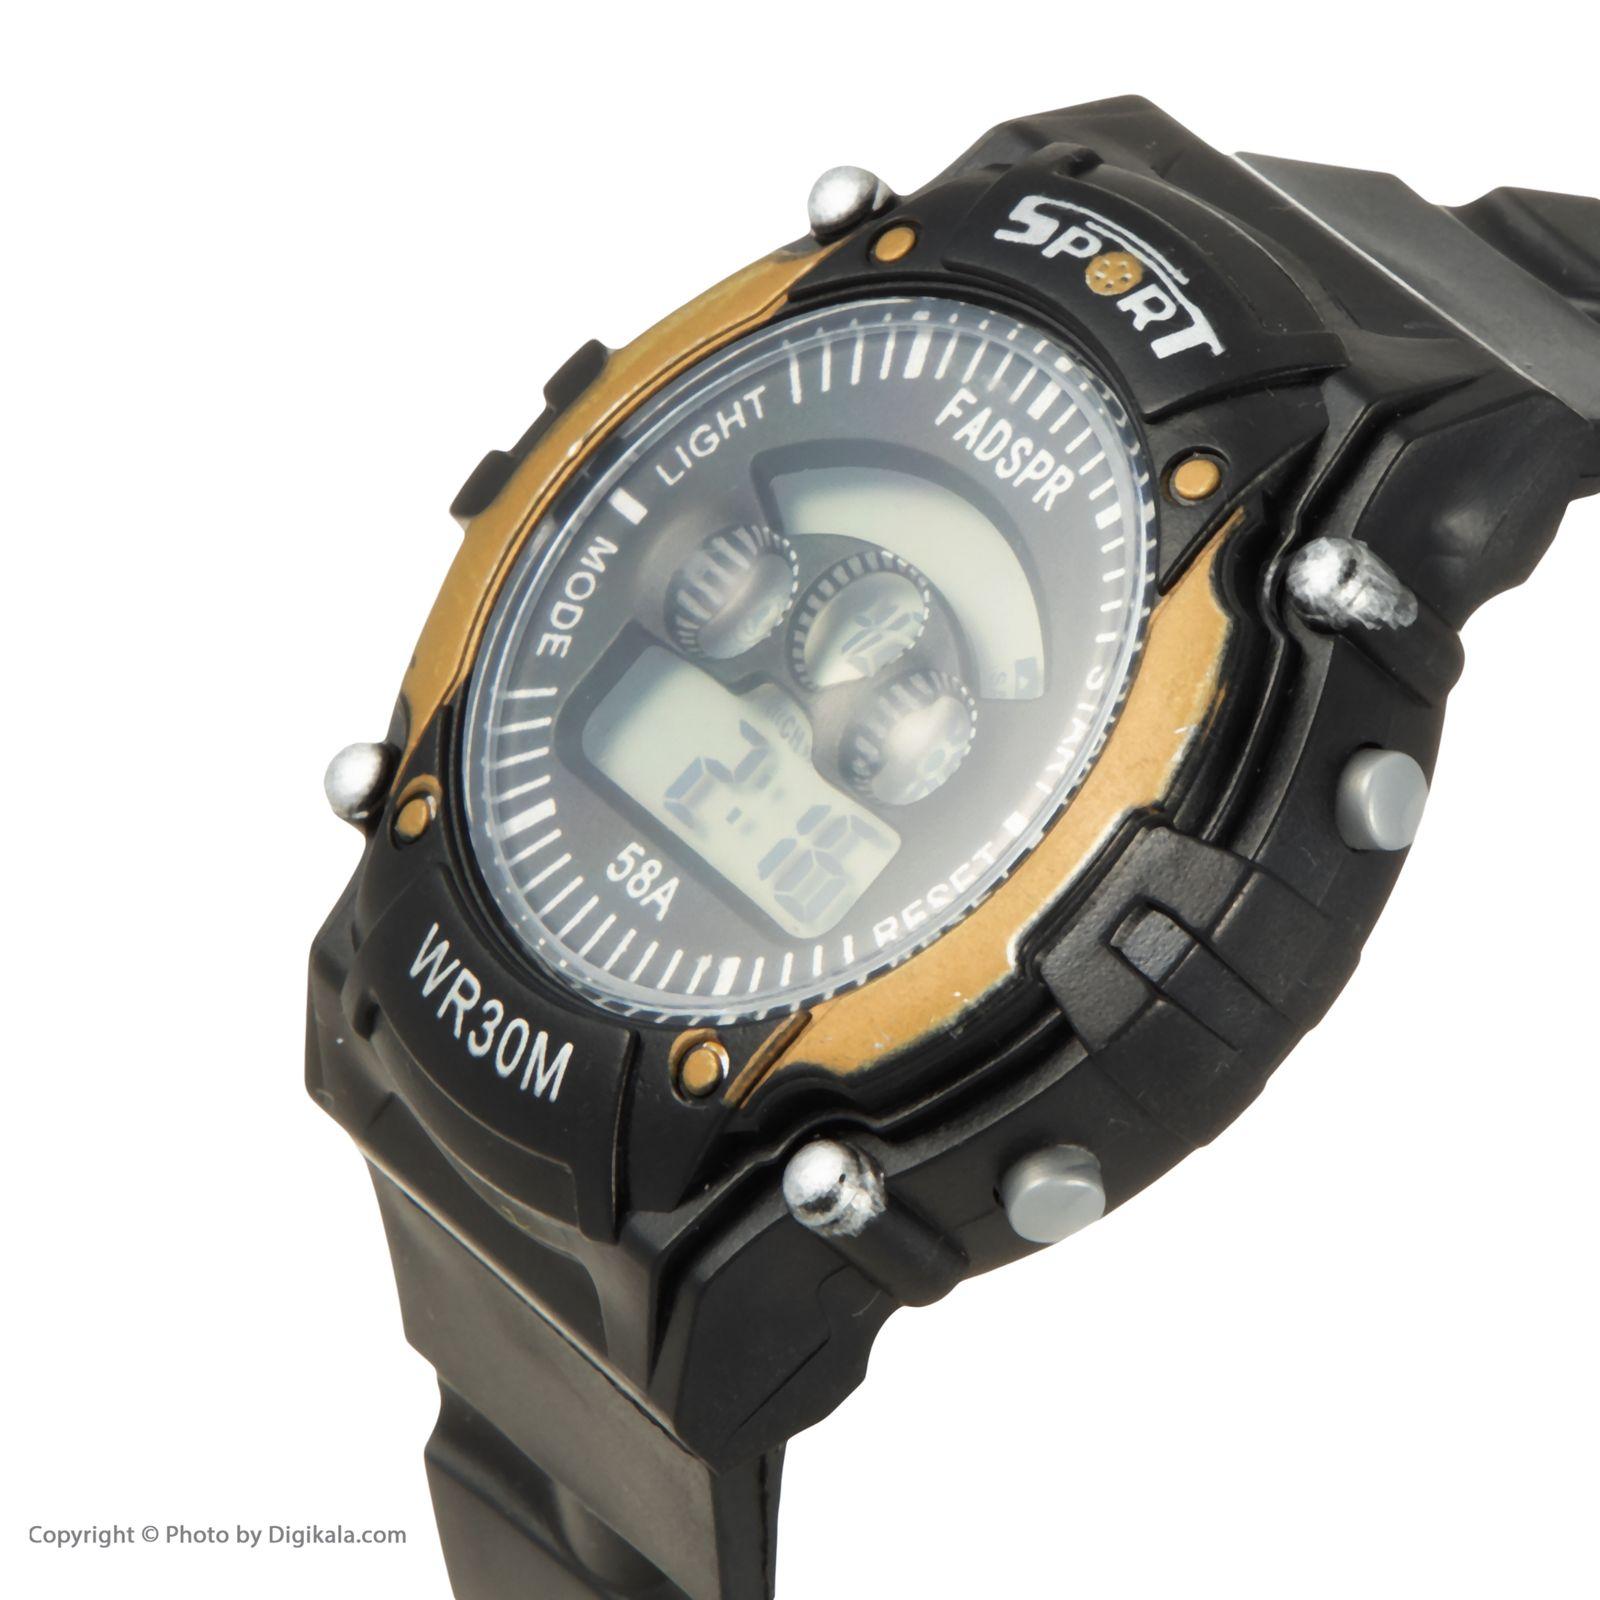 ساعت مچی دیجیتال مدل sport 8030e -  - 4